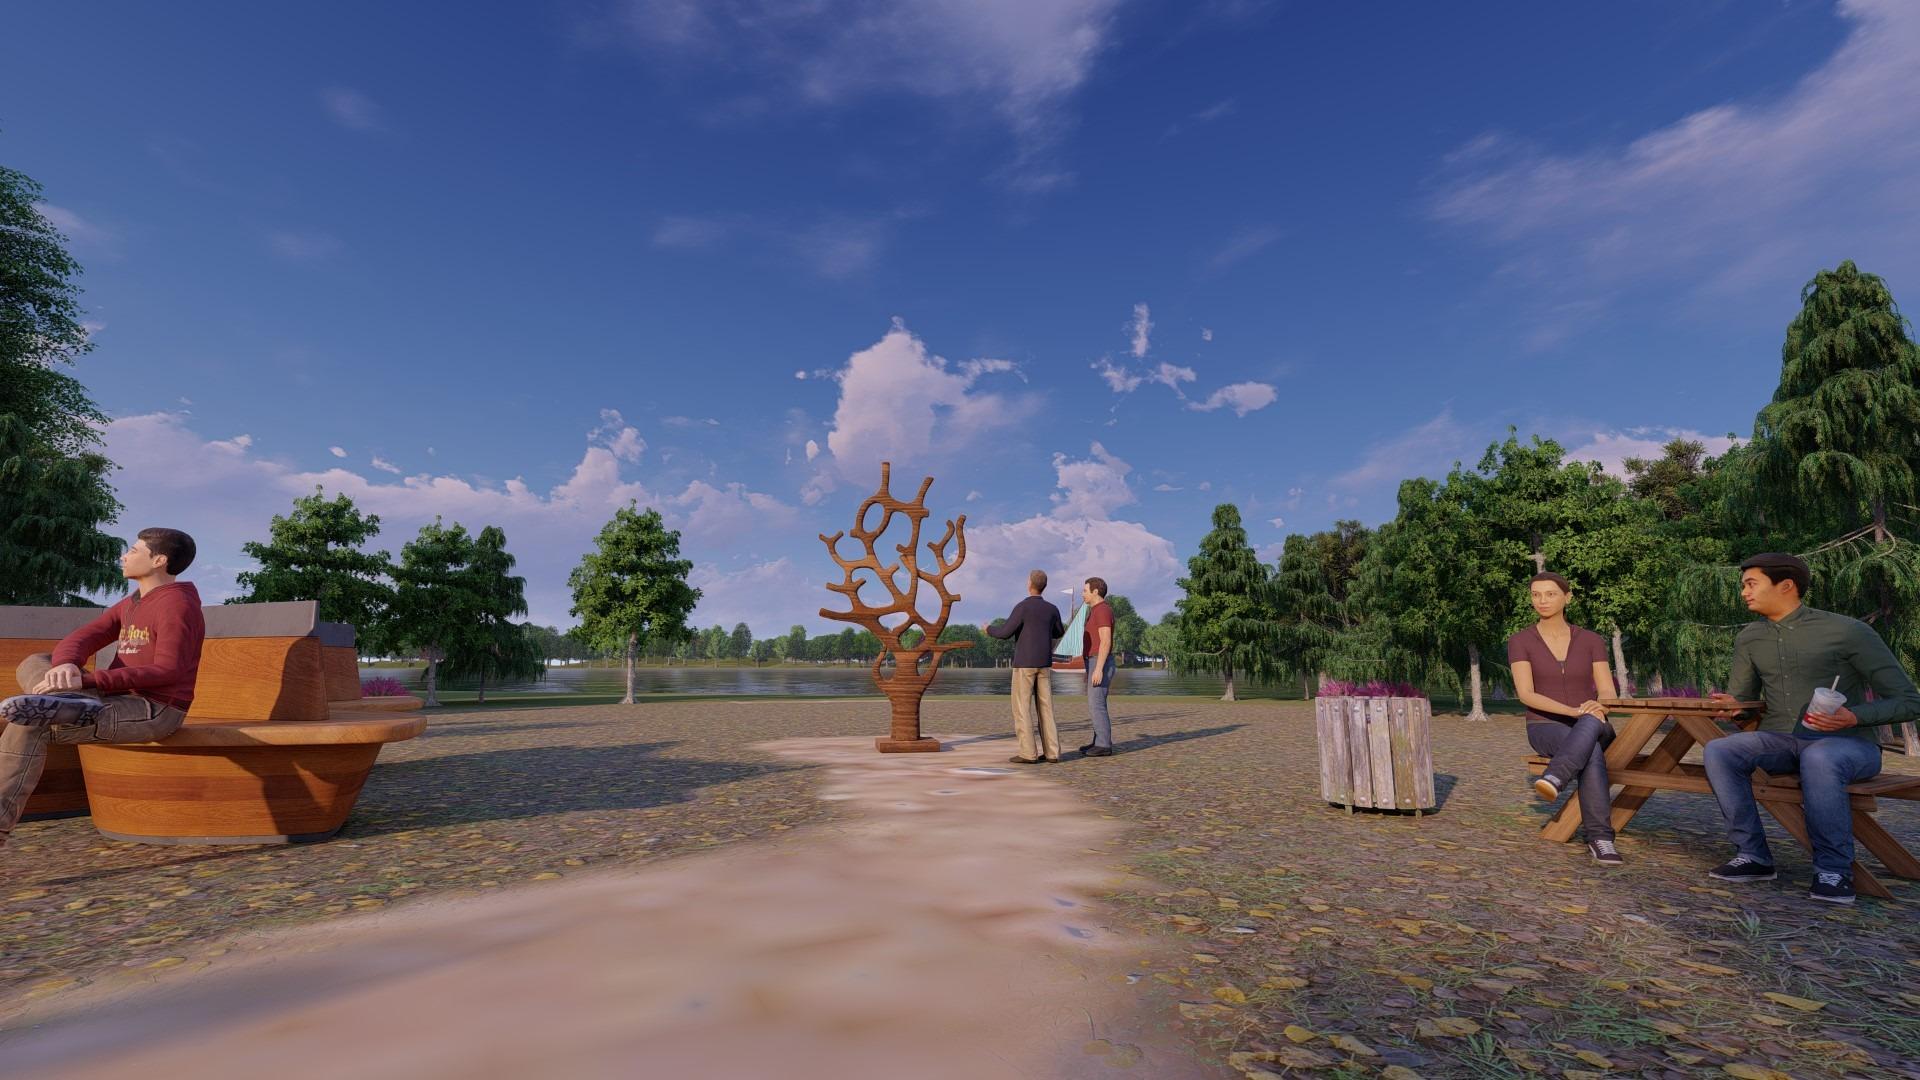 Artfulparks - Art Area - Bog Oak Sculptures